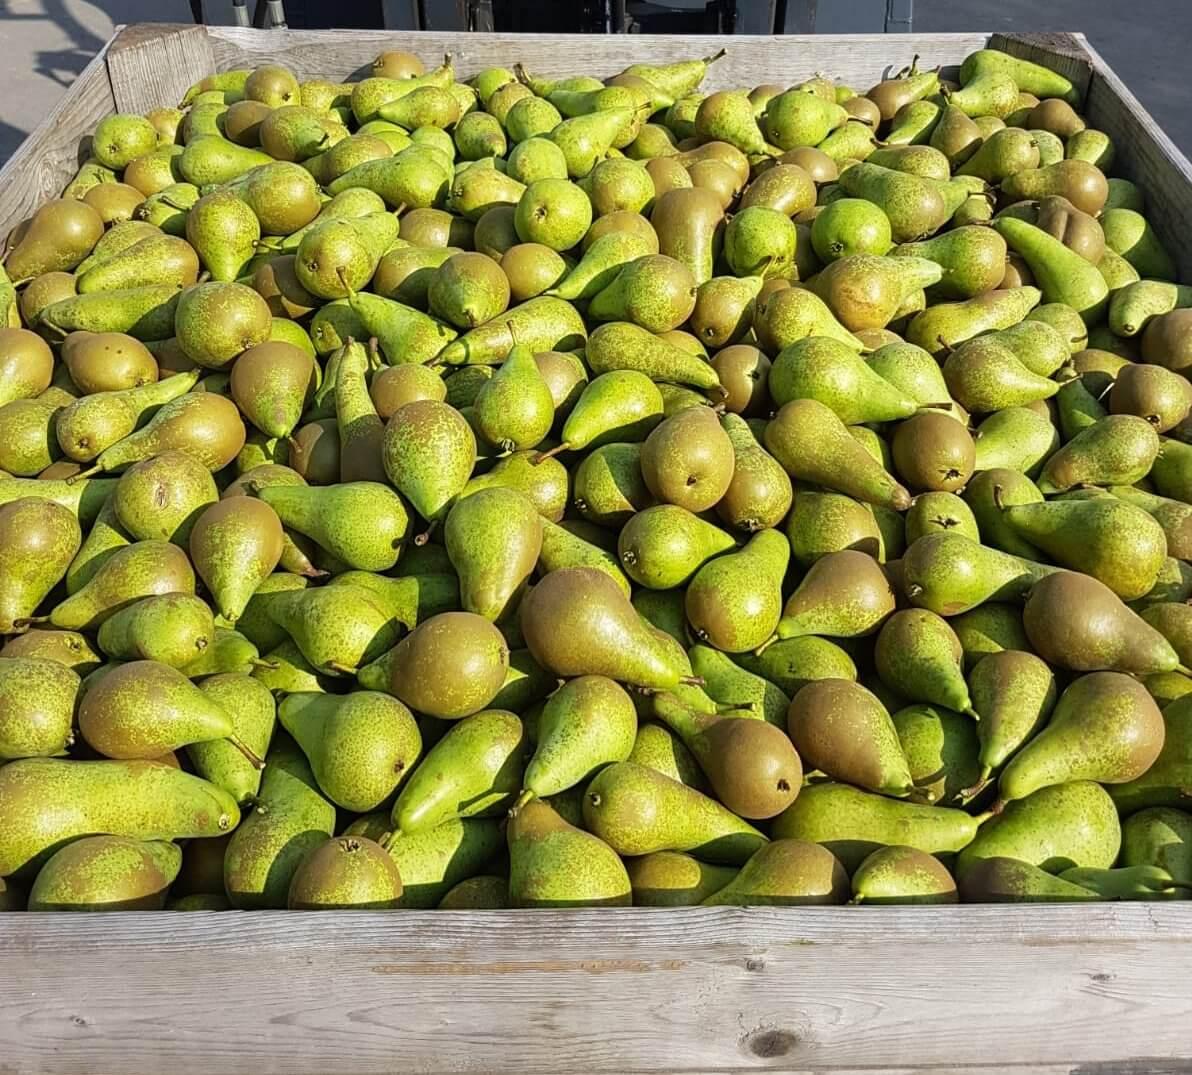 Fruitbedrijf Van den Berge: pluk2019 01